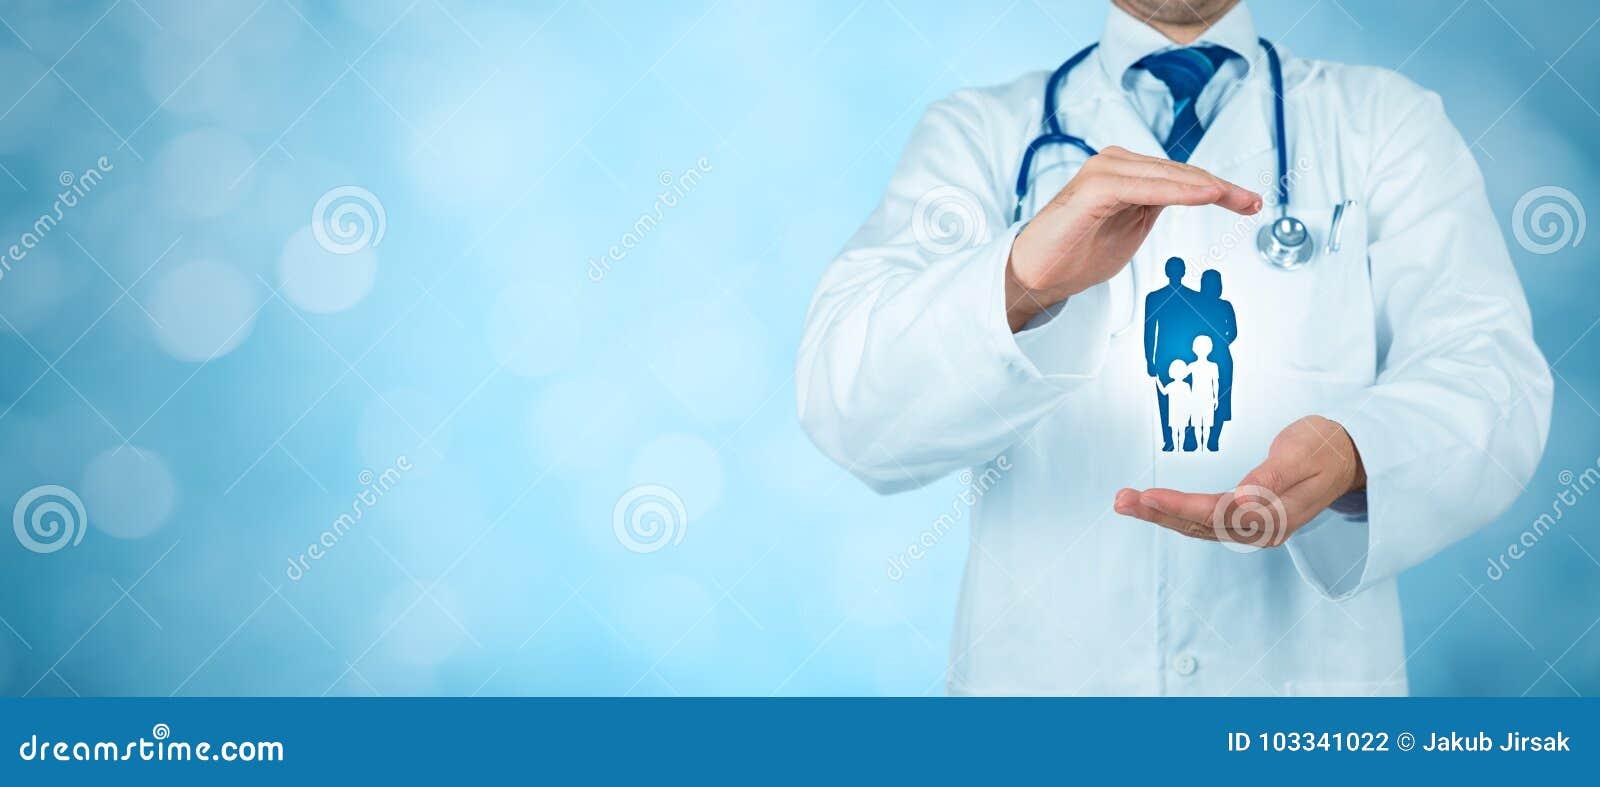 Santé et assurance-maladie